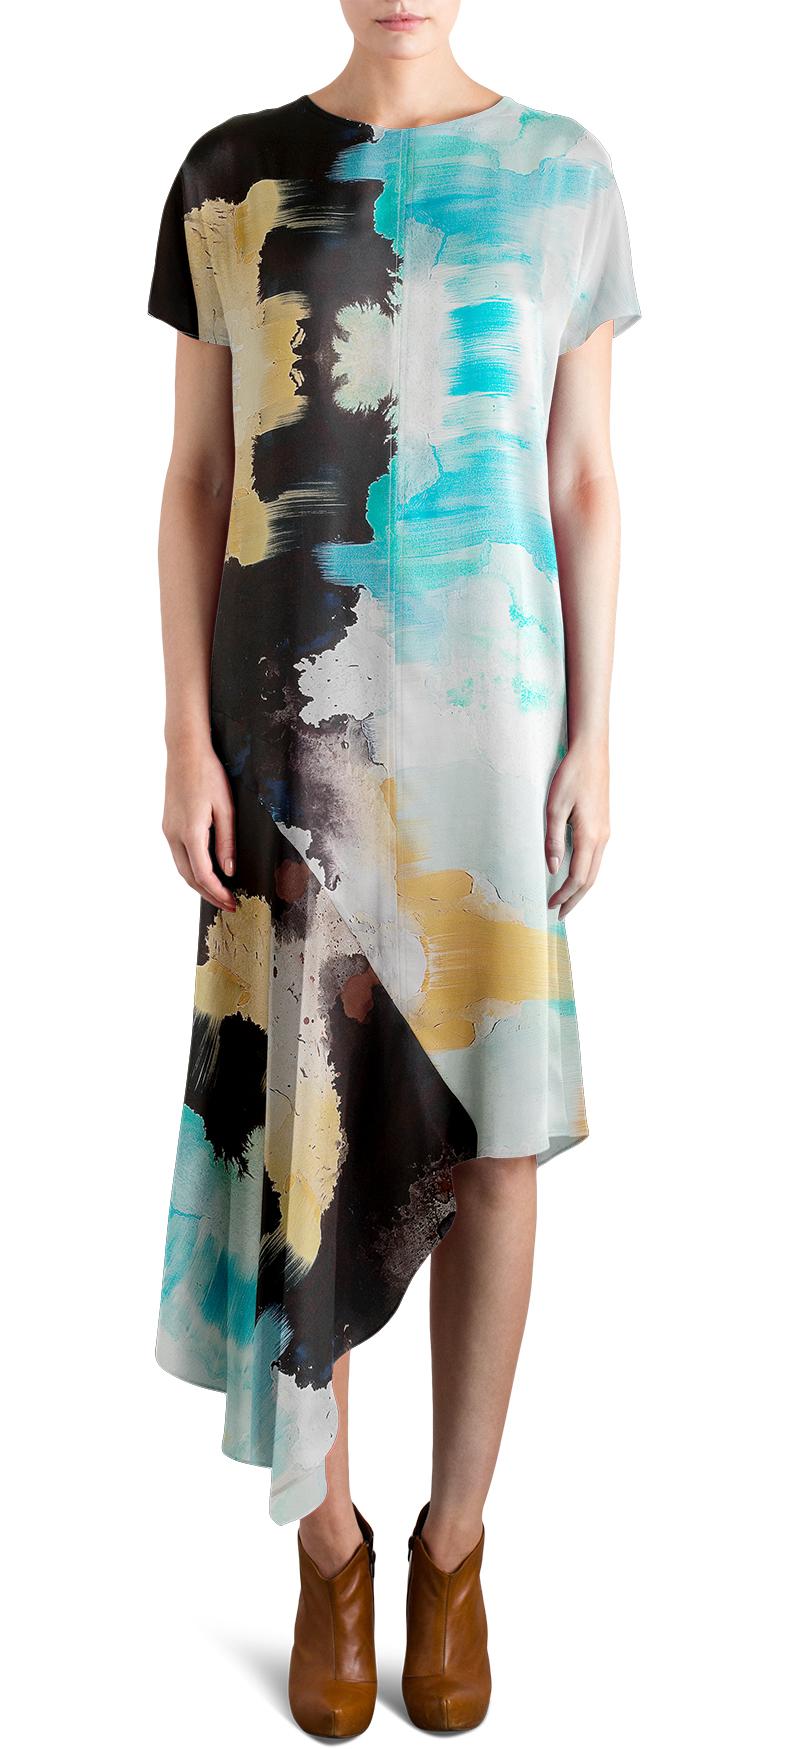 Bild 1 av NEW - Dance Dress